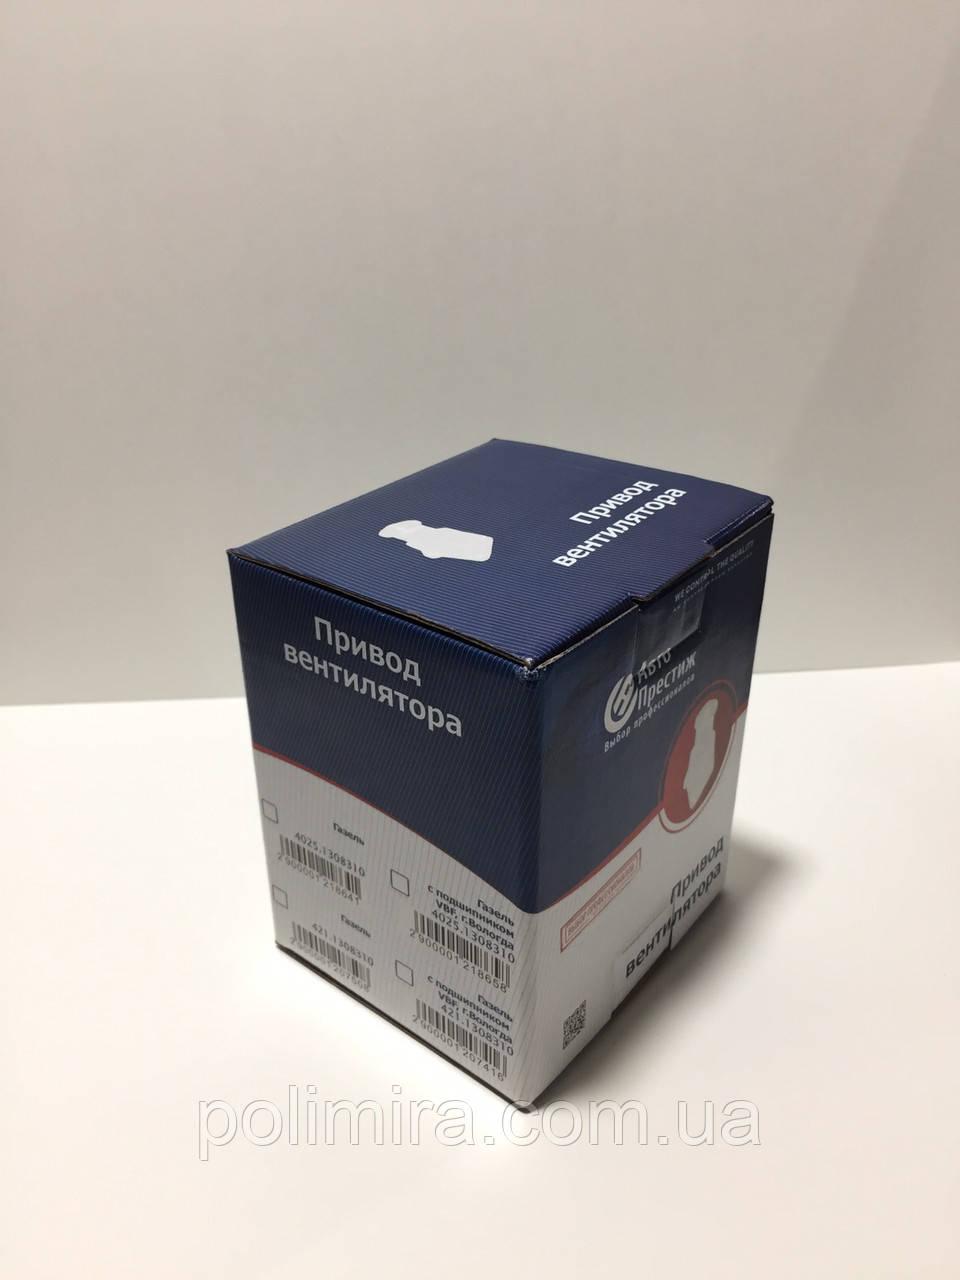 Картонні коробки для авто запчастин під замовлення